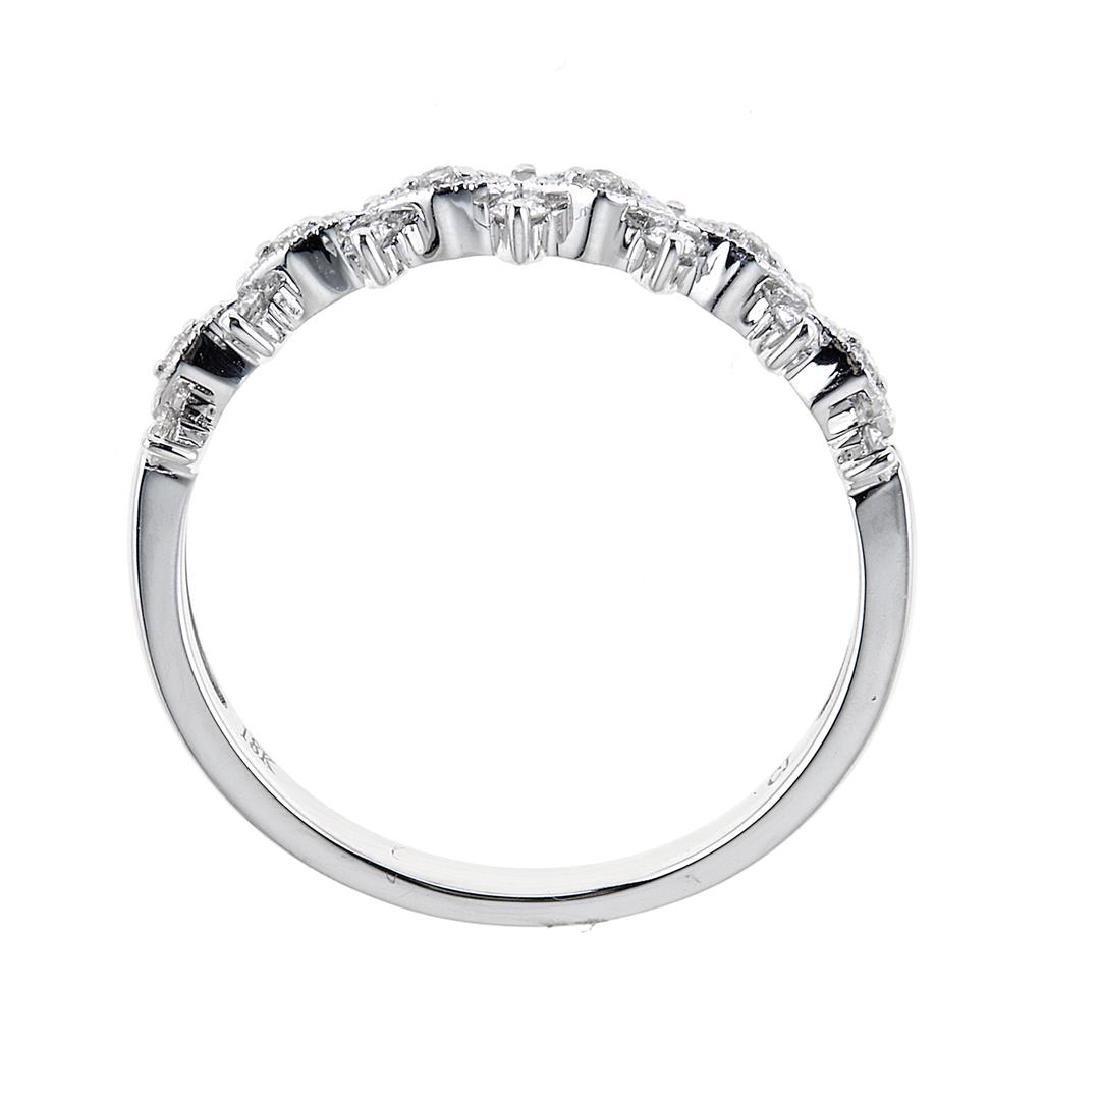 0.25 ctw Diamond Ring - 18KT White Gold - 2